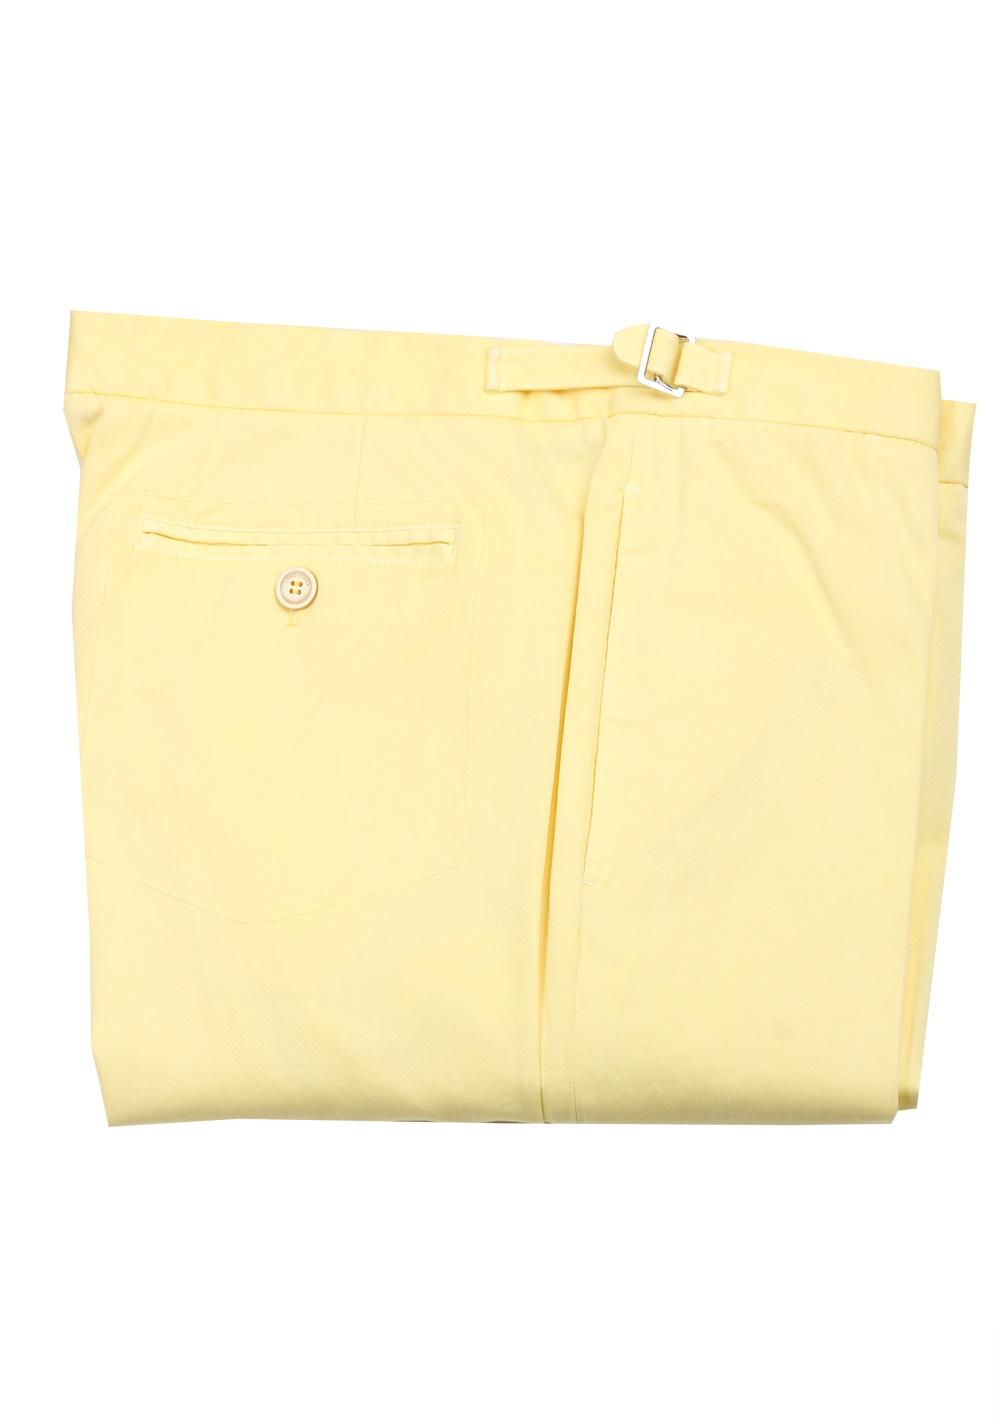 Loro Piana Yellow Trousers Size 50 / 34 U.S. | Costume Limité